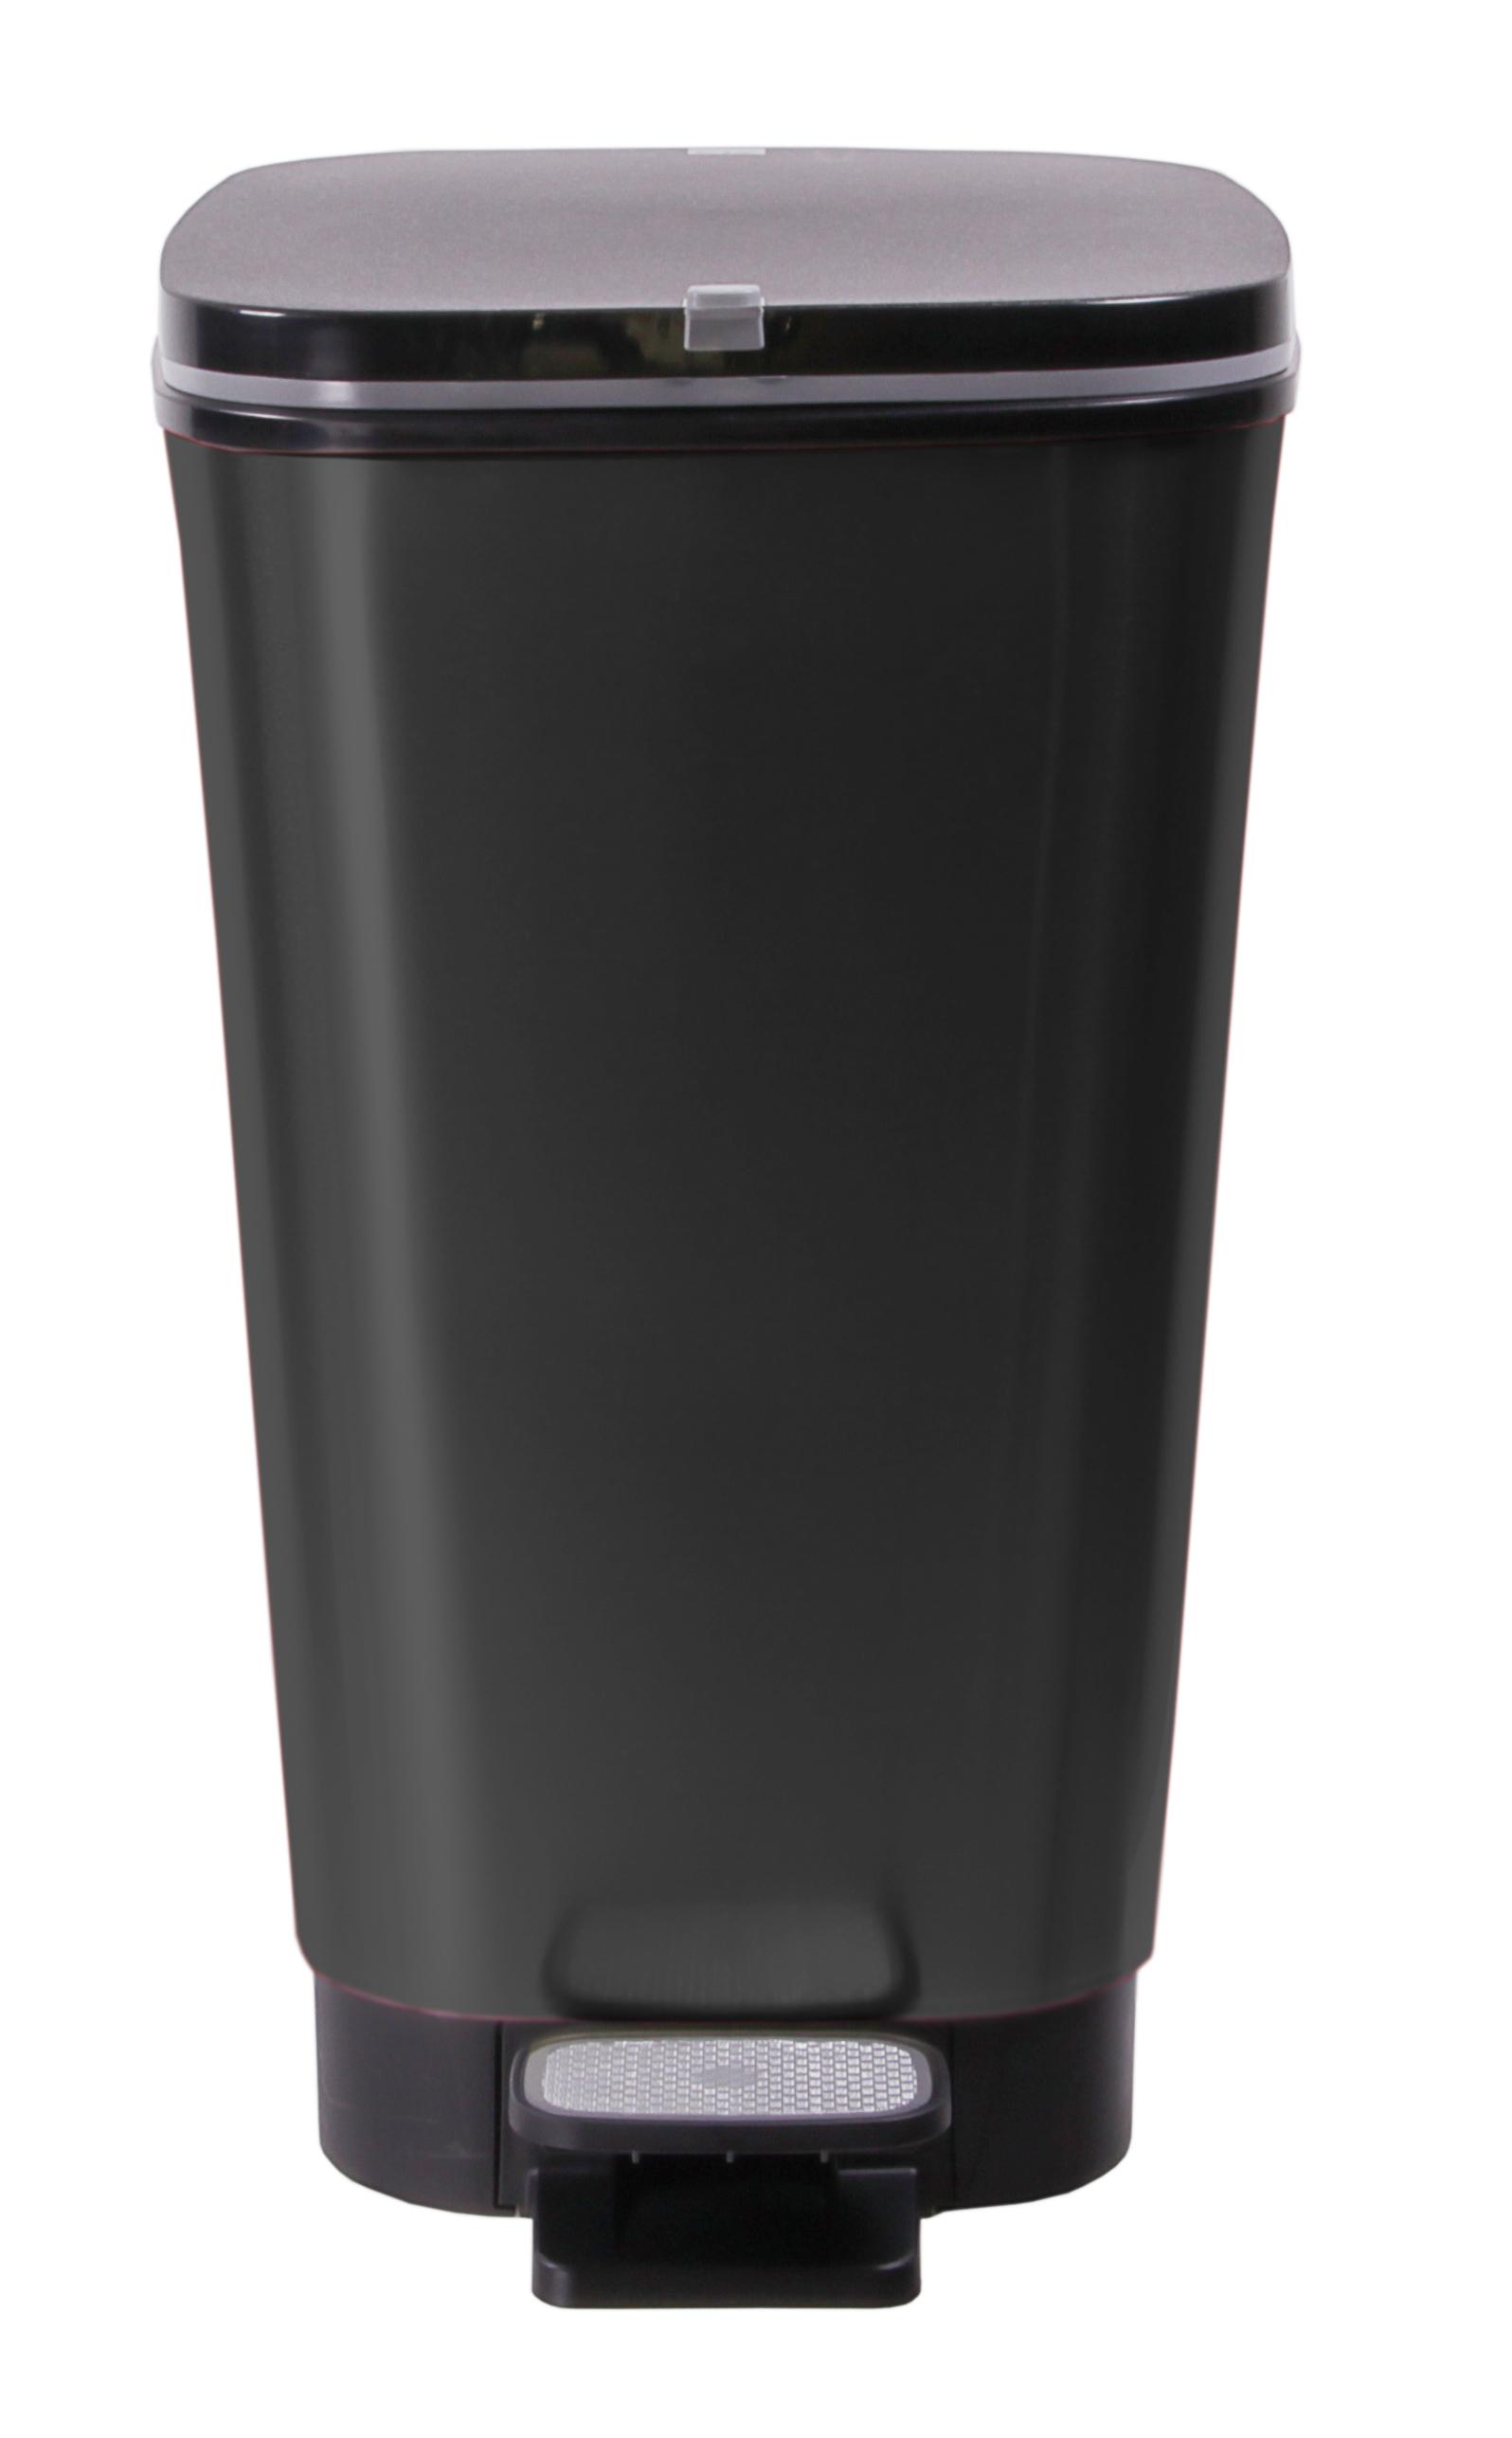 ondis24 abfalleimer m lleimer chic schwarz 25 liter g nstig online kaufen. Black Bedroom Furniture Sets. Home Design Ideas